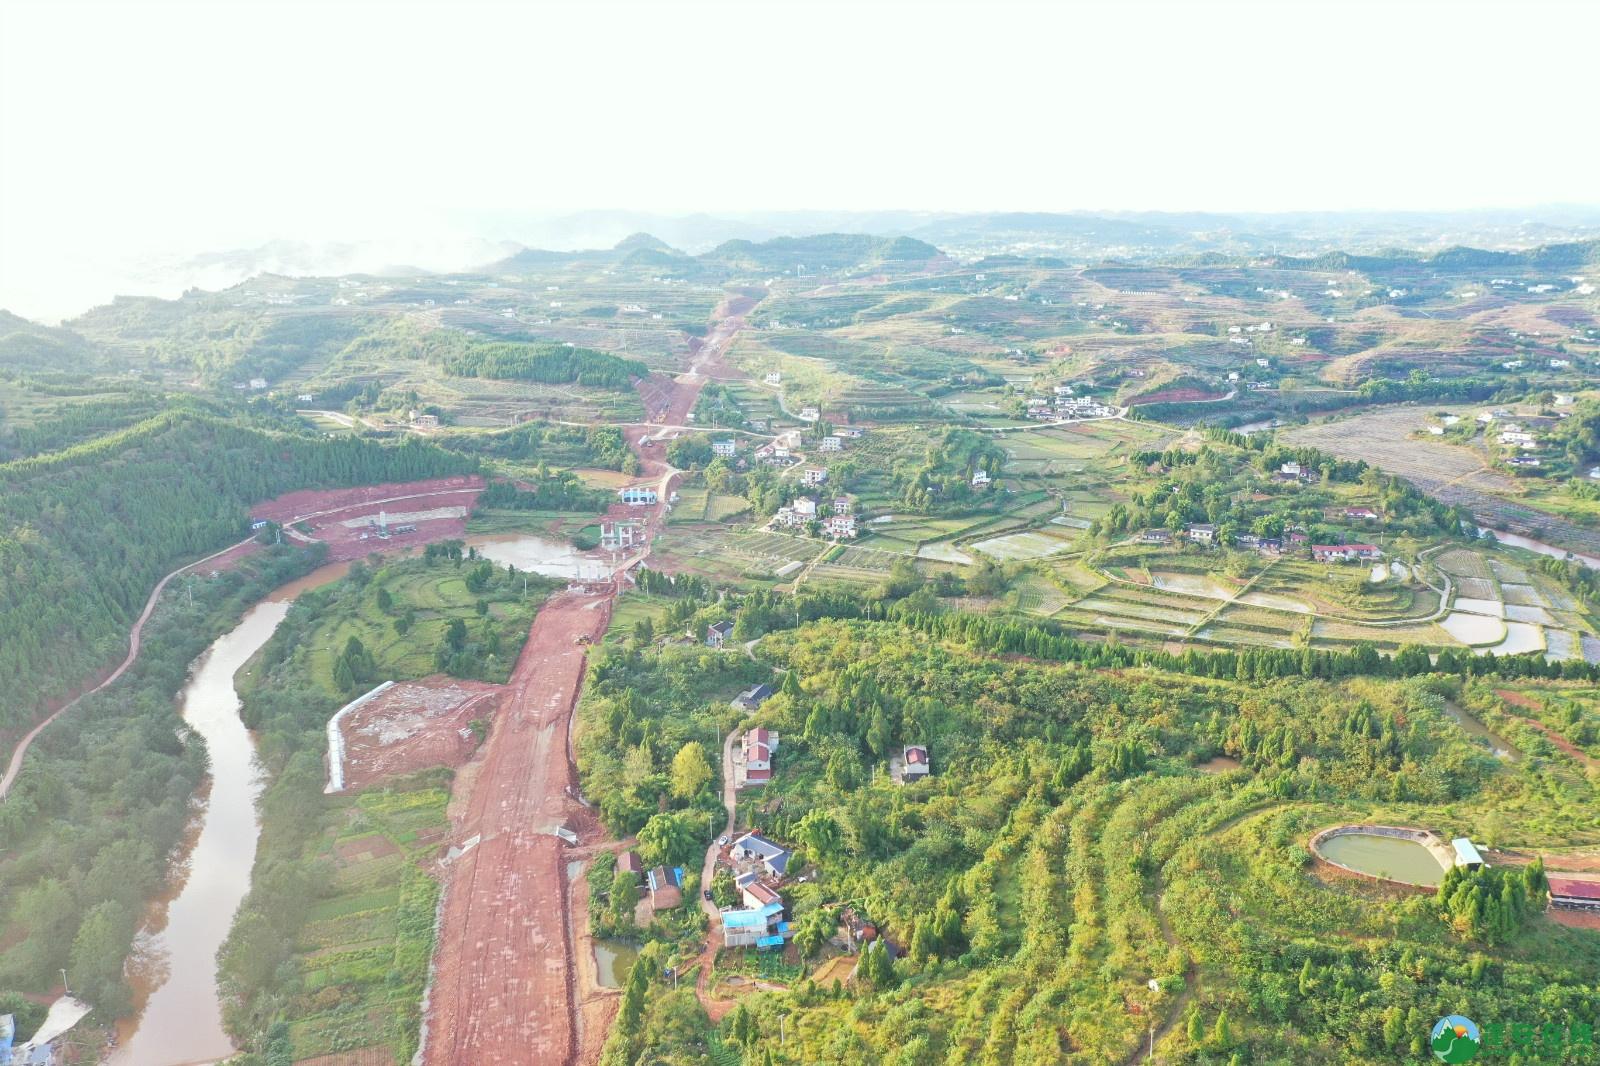 蓬安县顺蓬营一级公路最新进展(2019.10.16) - 第11张  | 蓬安在线